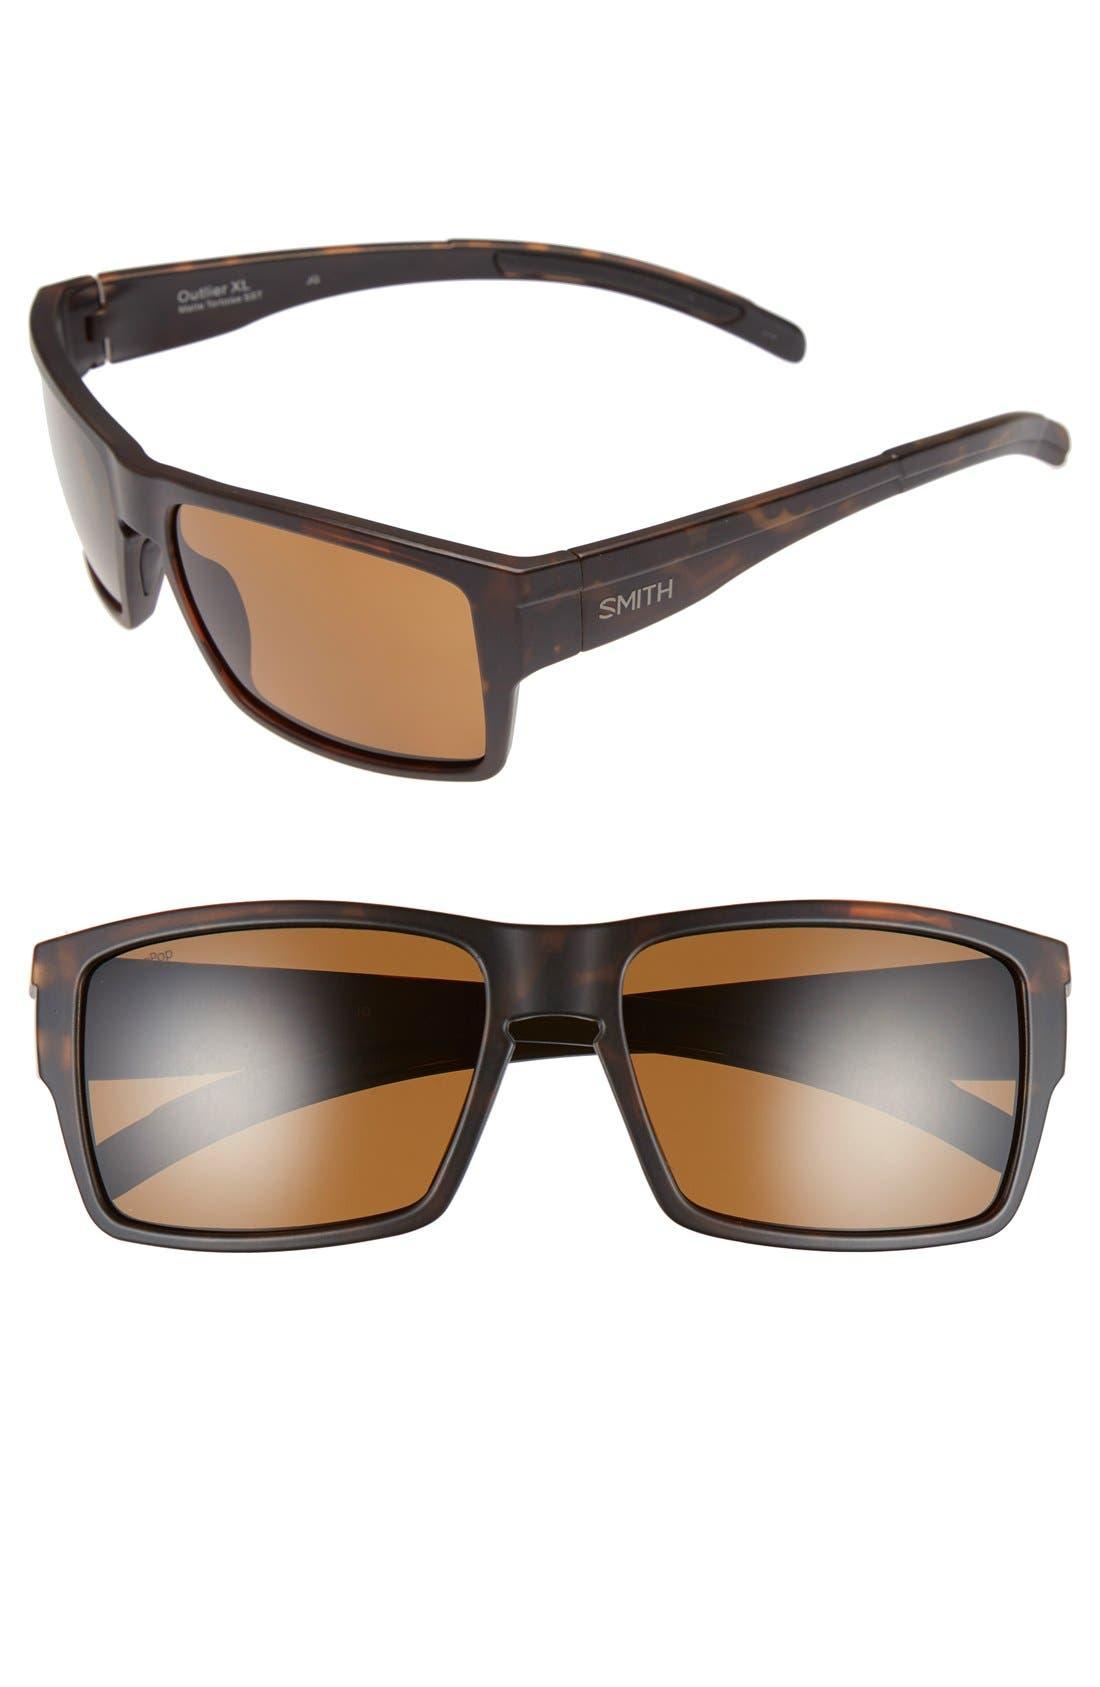 496c36ed1bf Smith  Outlier Xl  56Mm Polarized Sunglasses - Matte Tortoise  Polar Brown